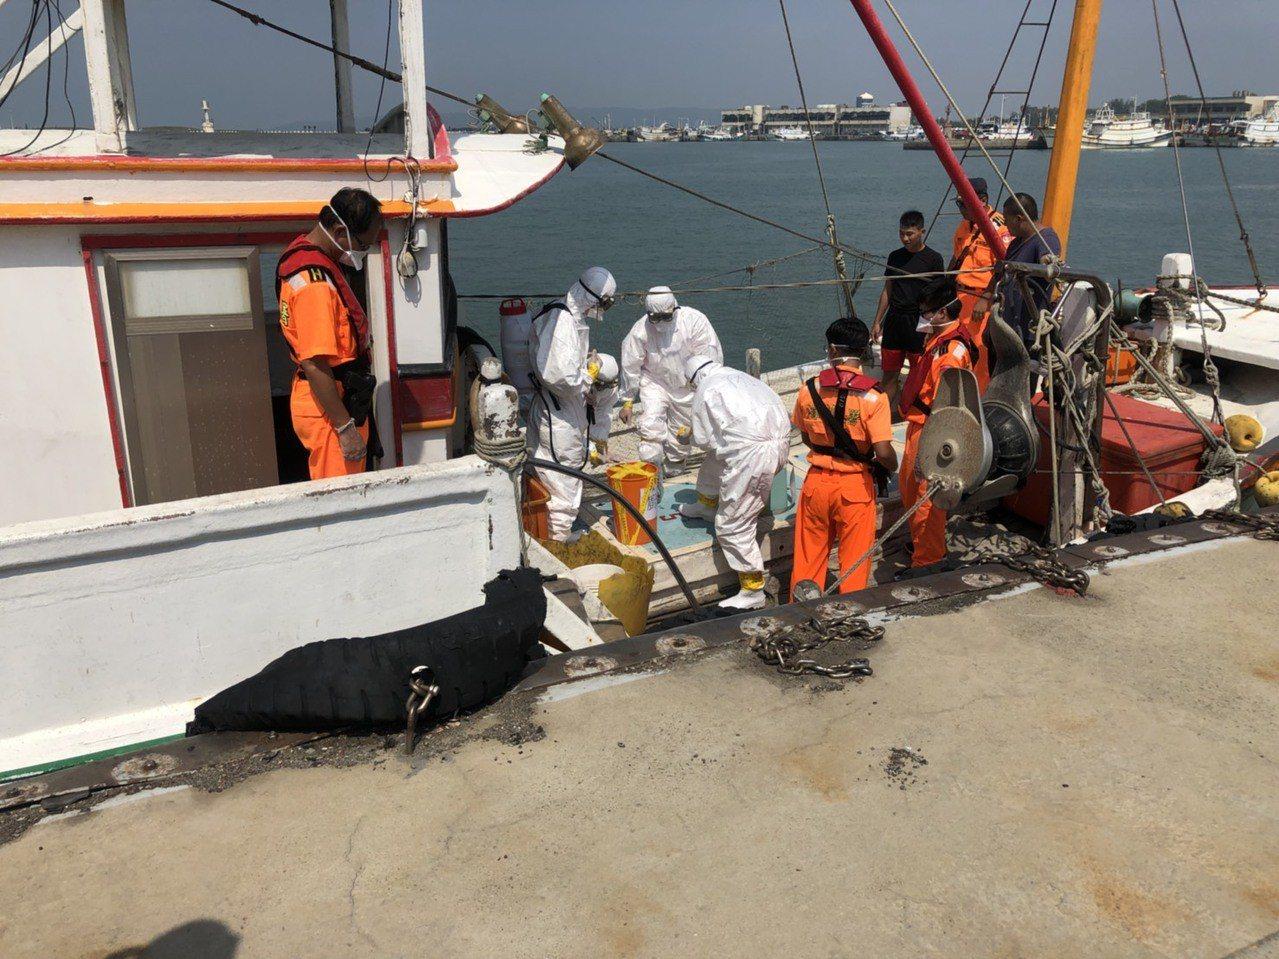 慎防非洲豬瘟,海巡署第三巡防區舉辦防疫演練。圖/新竹第八岸巡隊提供